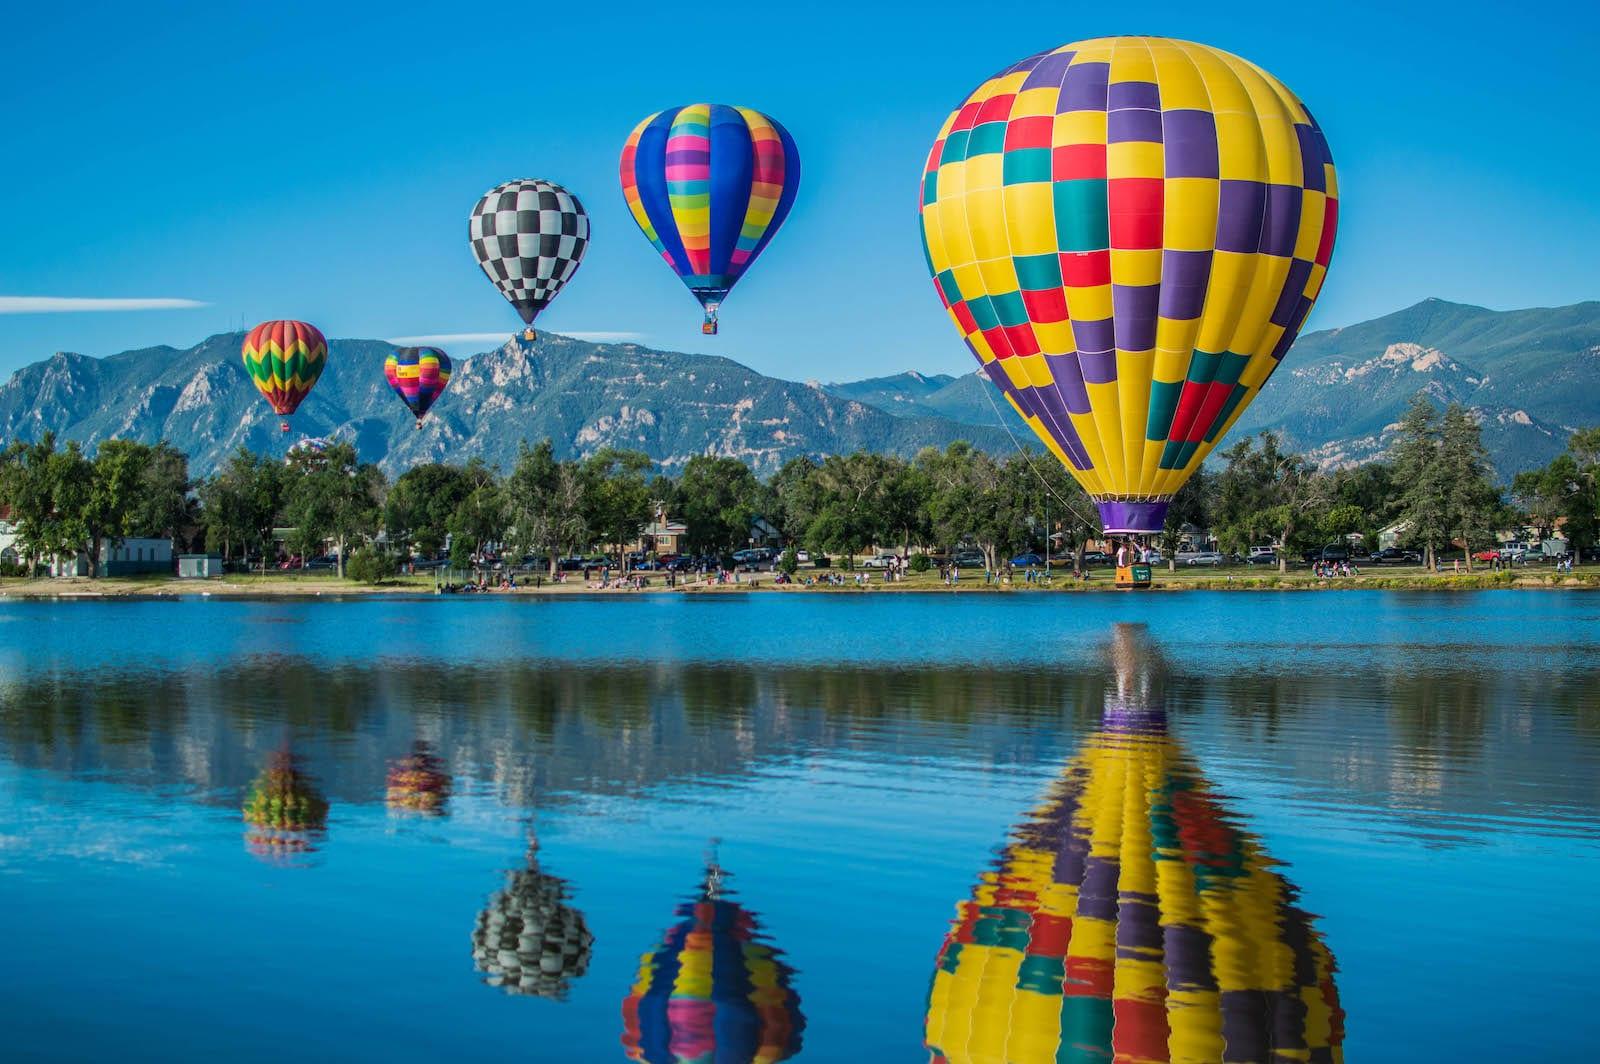 Balloon Classic in Memorial Park, Colorado Springs.